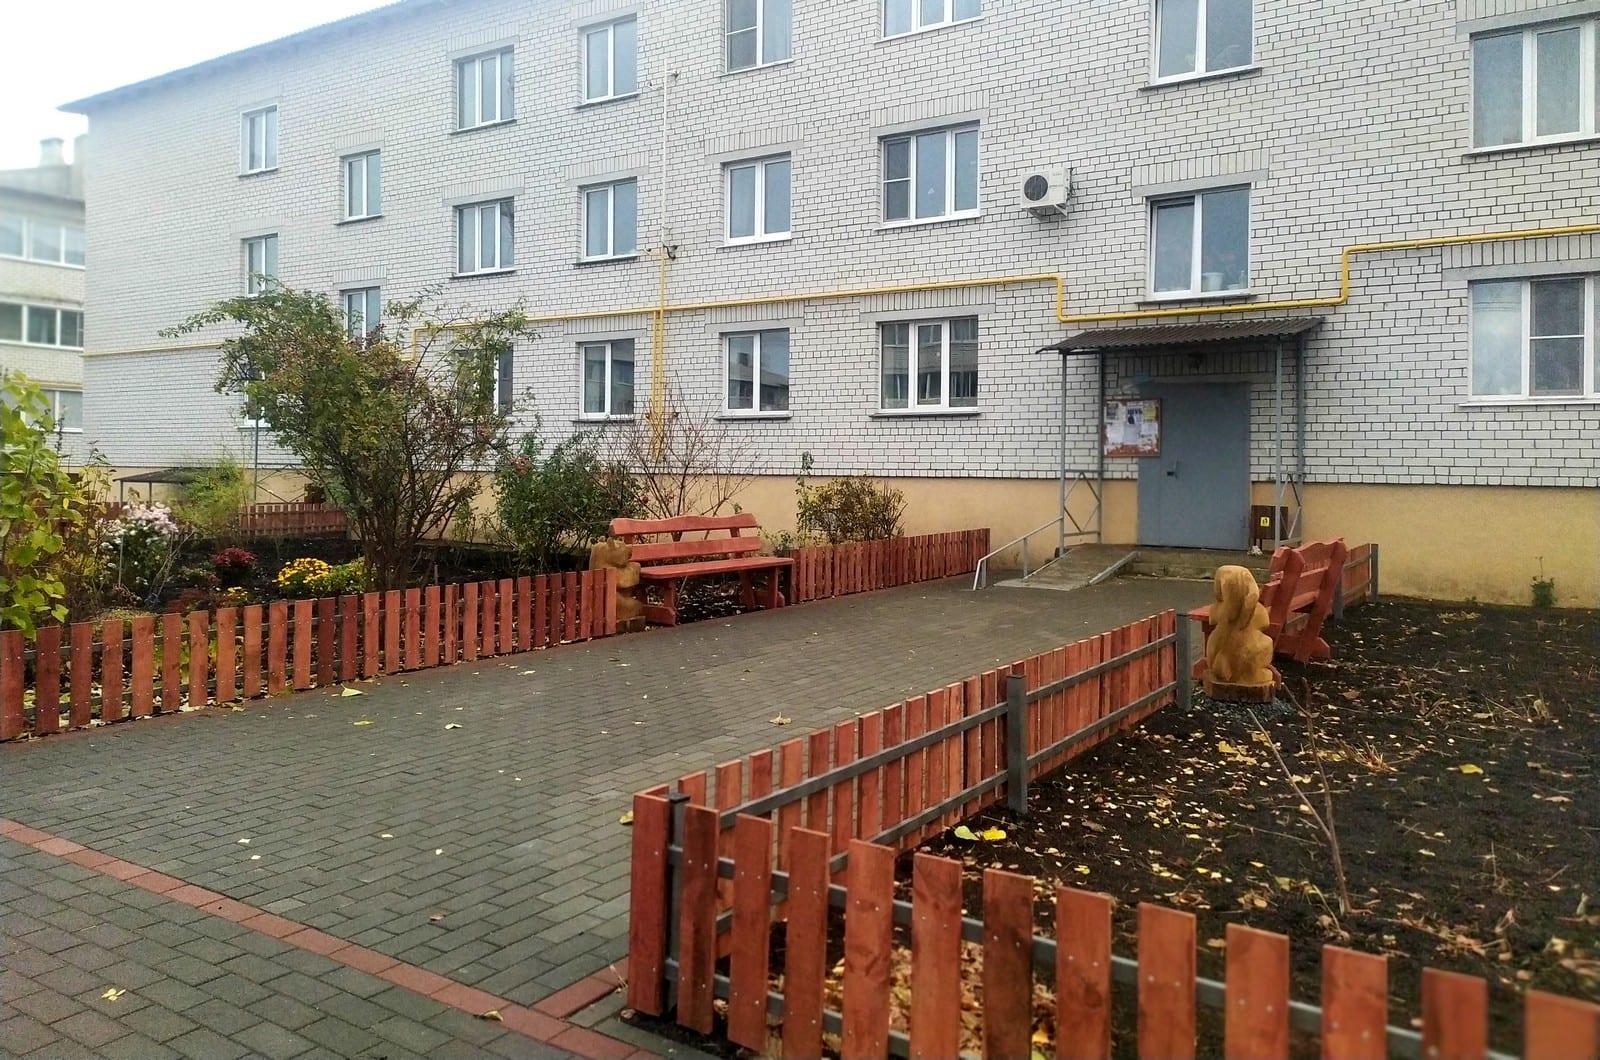 Елена Митина оценила качество благоустройства дворовой территории в городе Михайлове